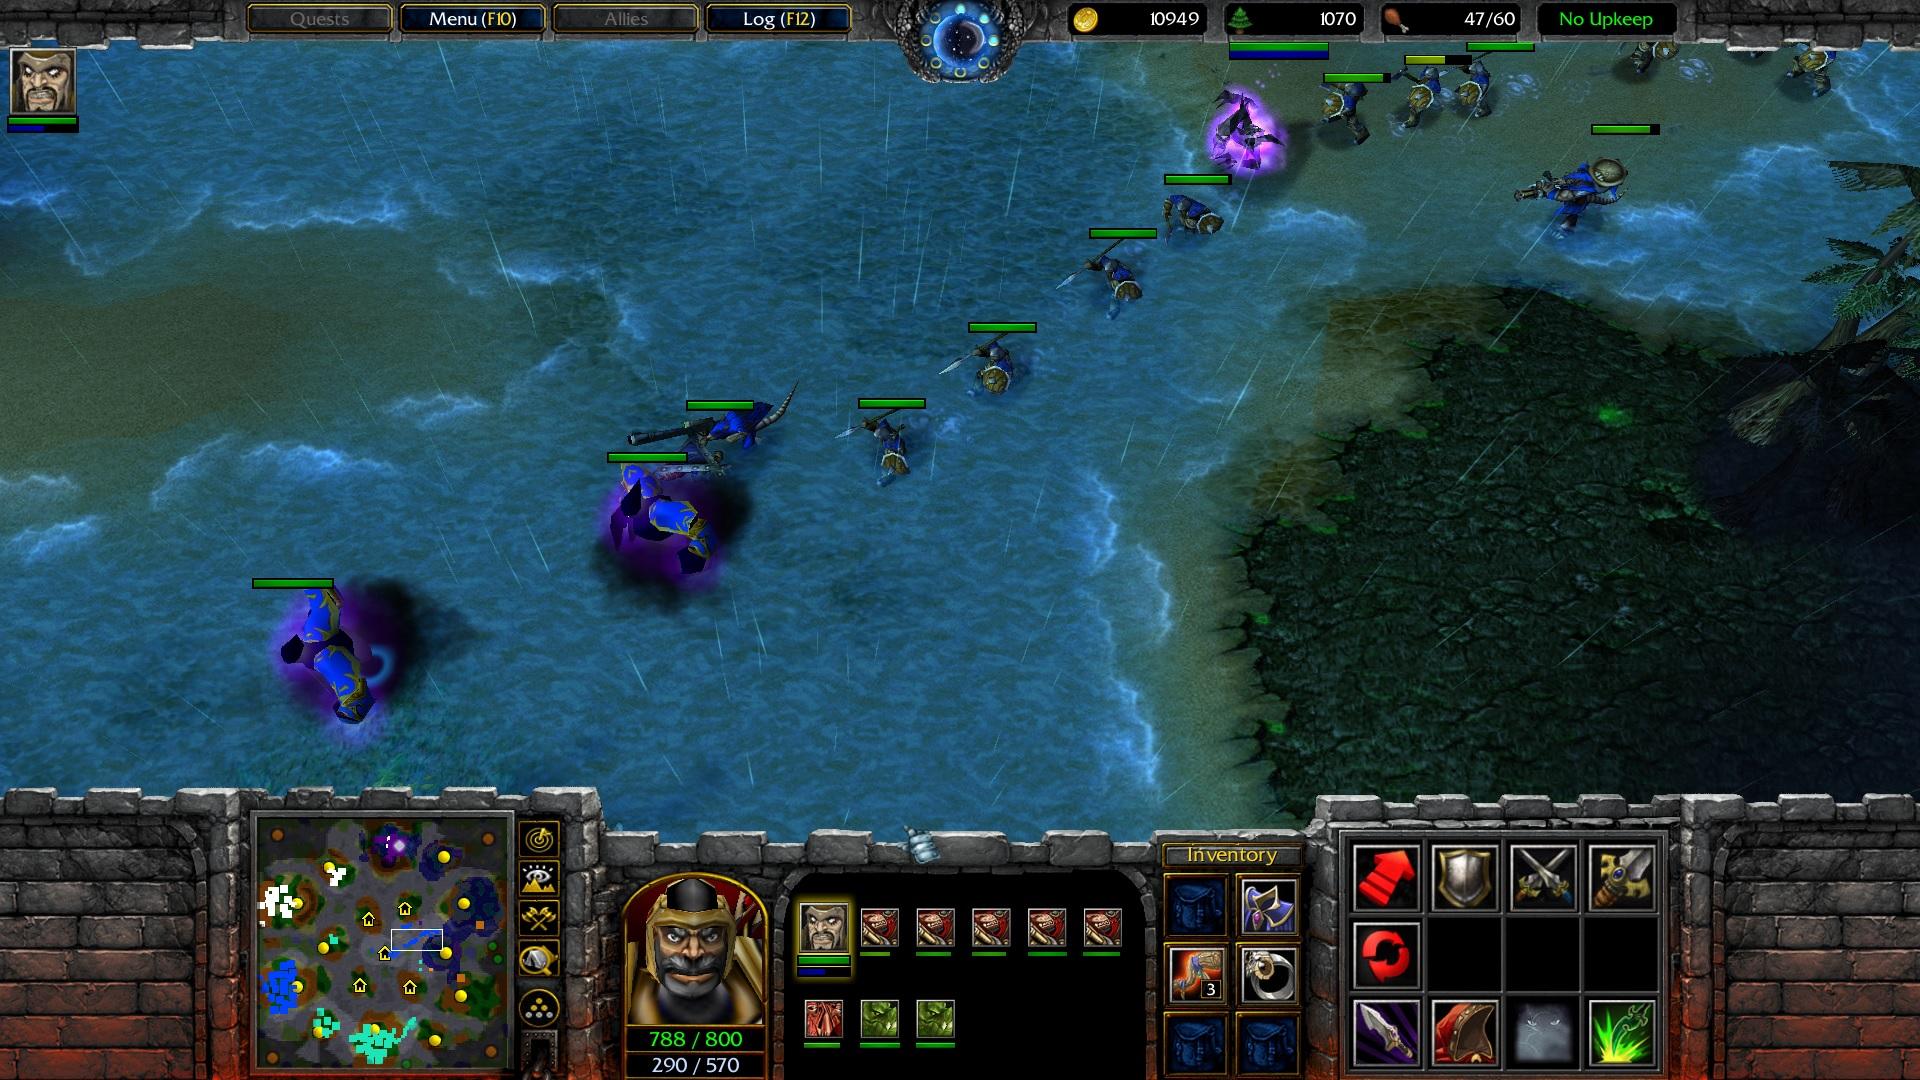 Screenshot 7.jpg